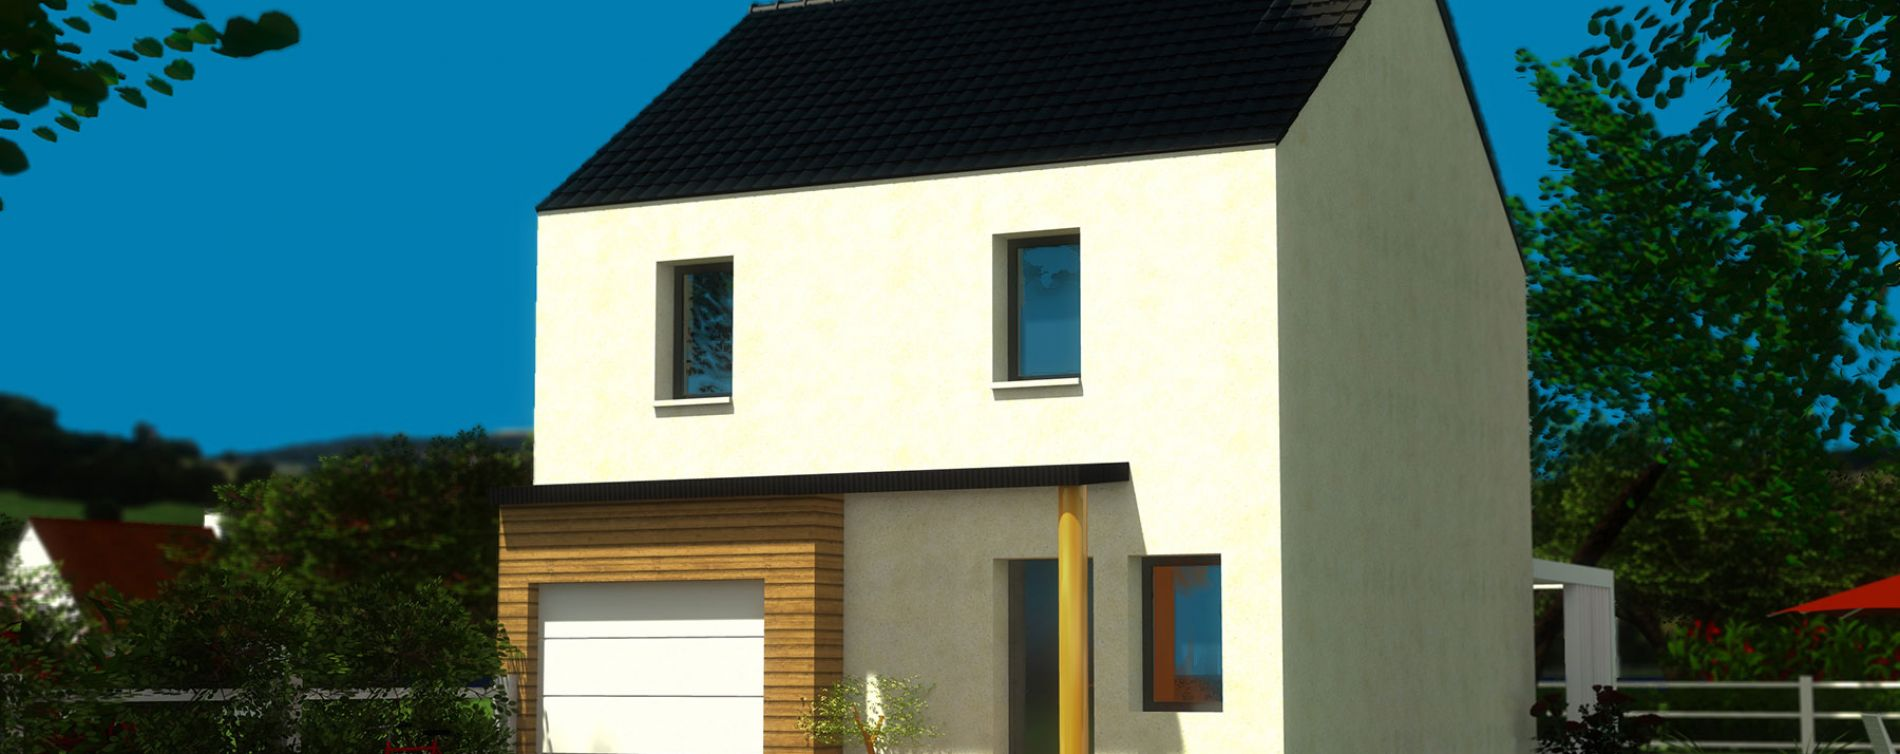 Saint-Pol-de-Léon : programme immobilier neuve « Résidence de la Baie de Carantec »